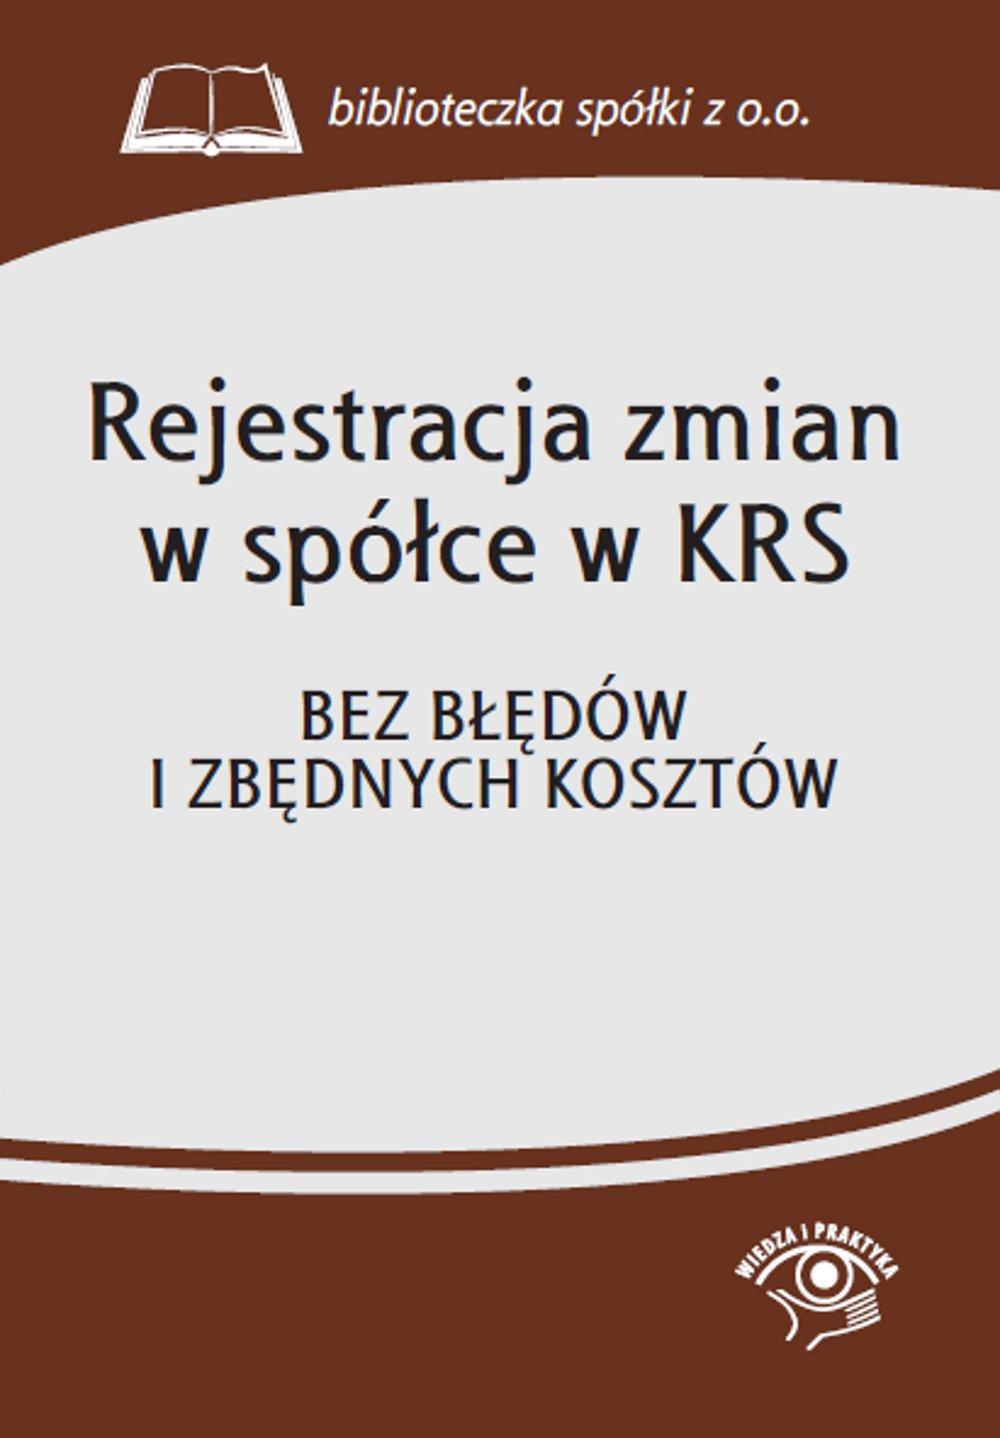 Rejestracja zmian w spółce w KRS. Bez błędów i zbędnych kosztów - Ebook (Książka na Kindle) do pobrania w formacie MOBI